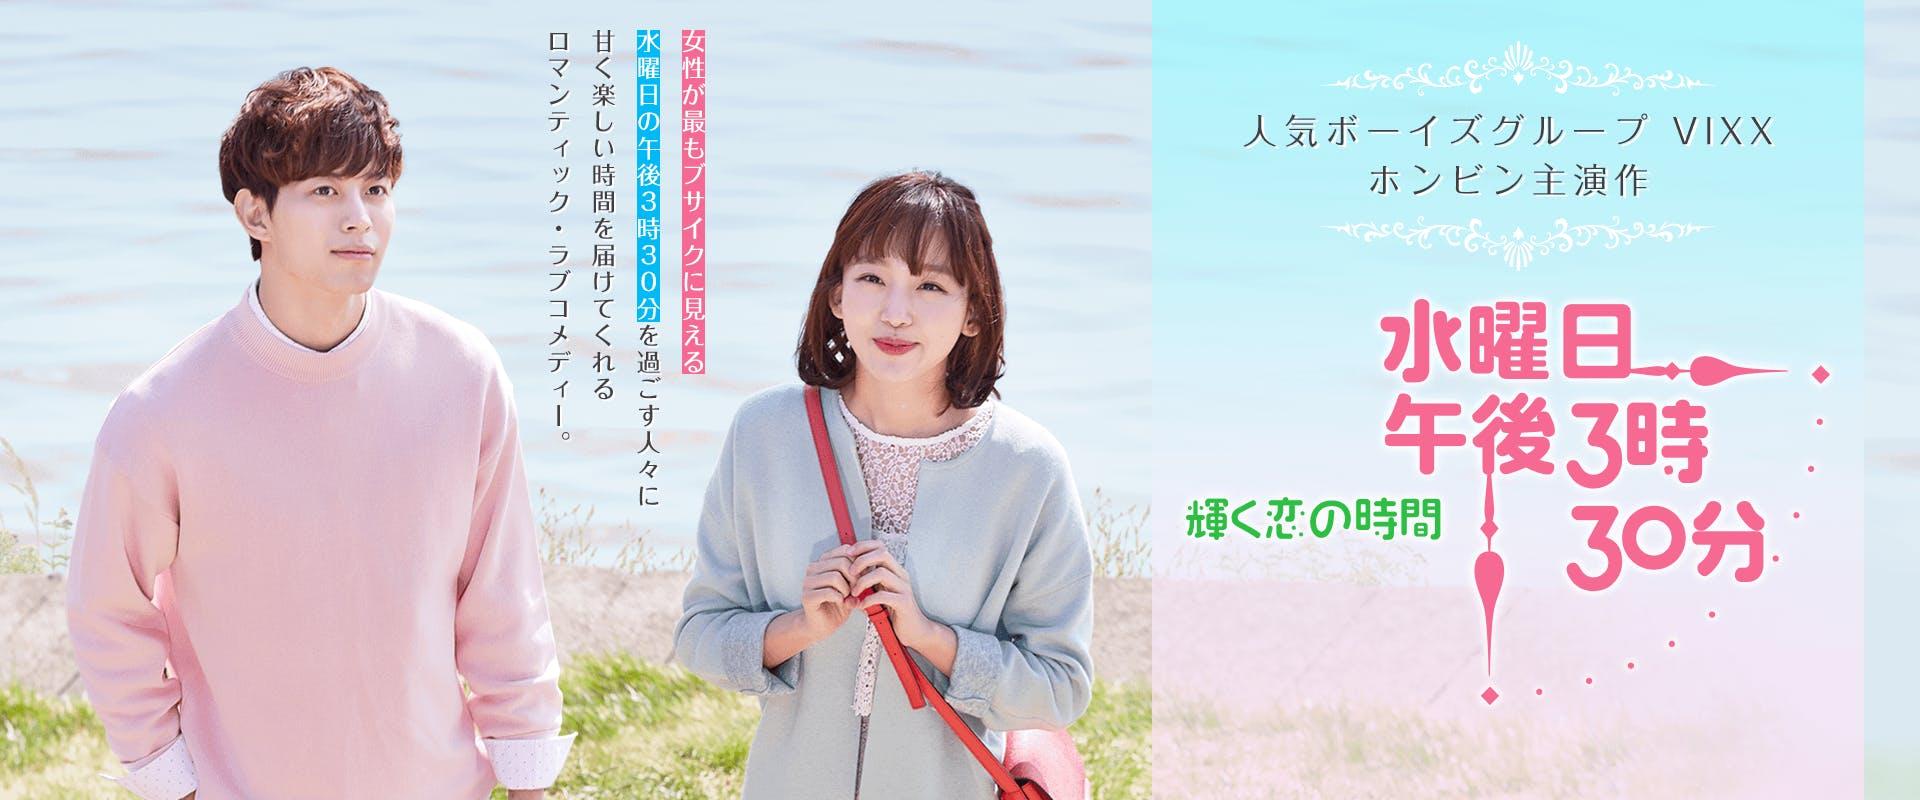 水曜日午後3時30分~輝く恋の時間~<公式サイト>|韓ドラinfo